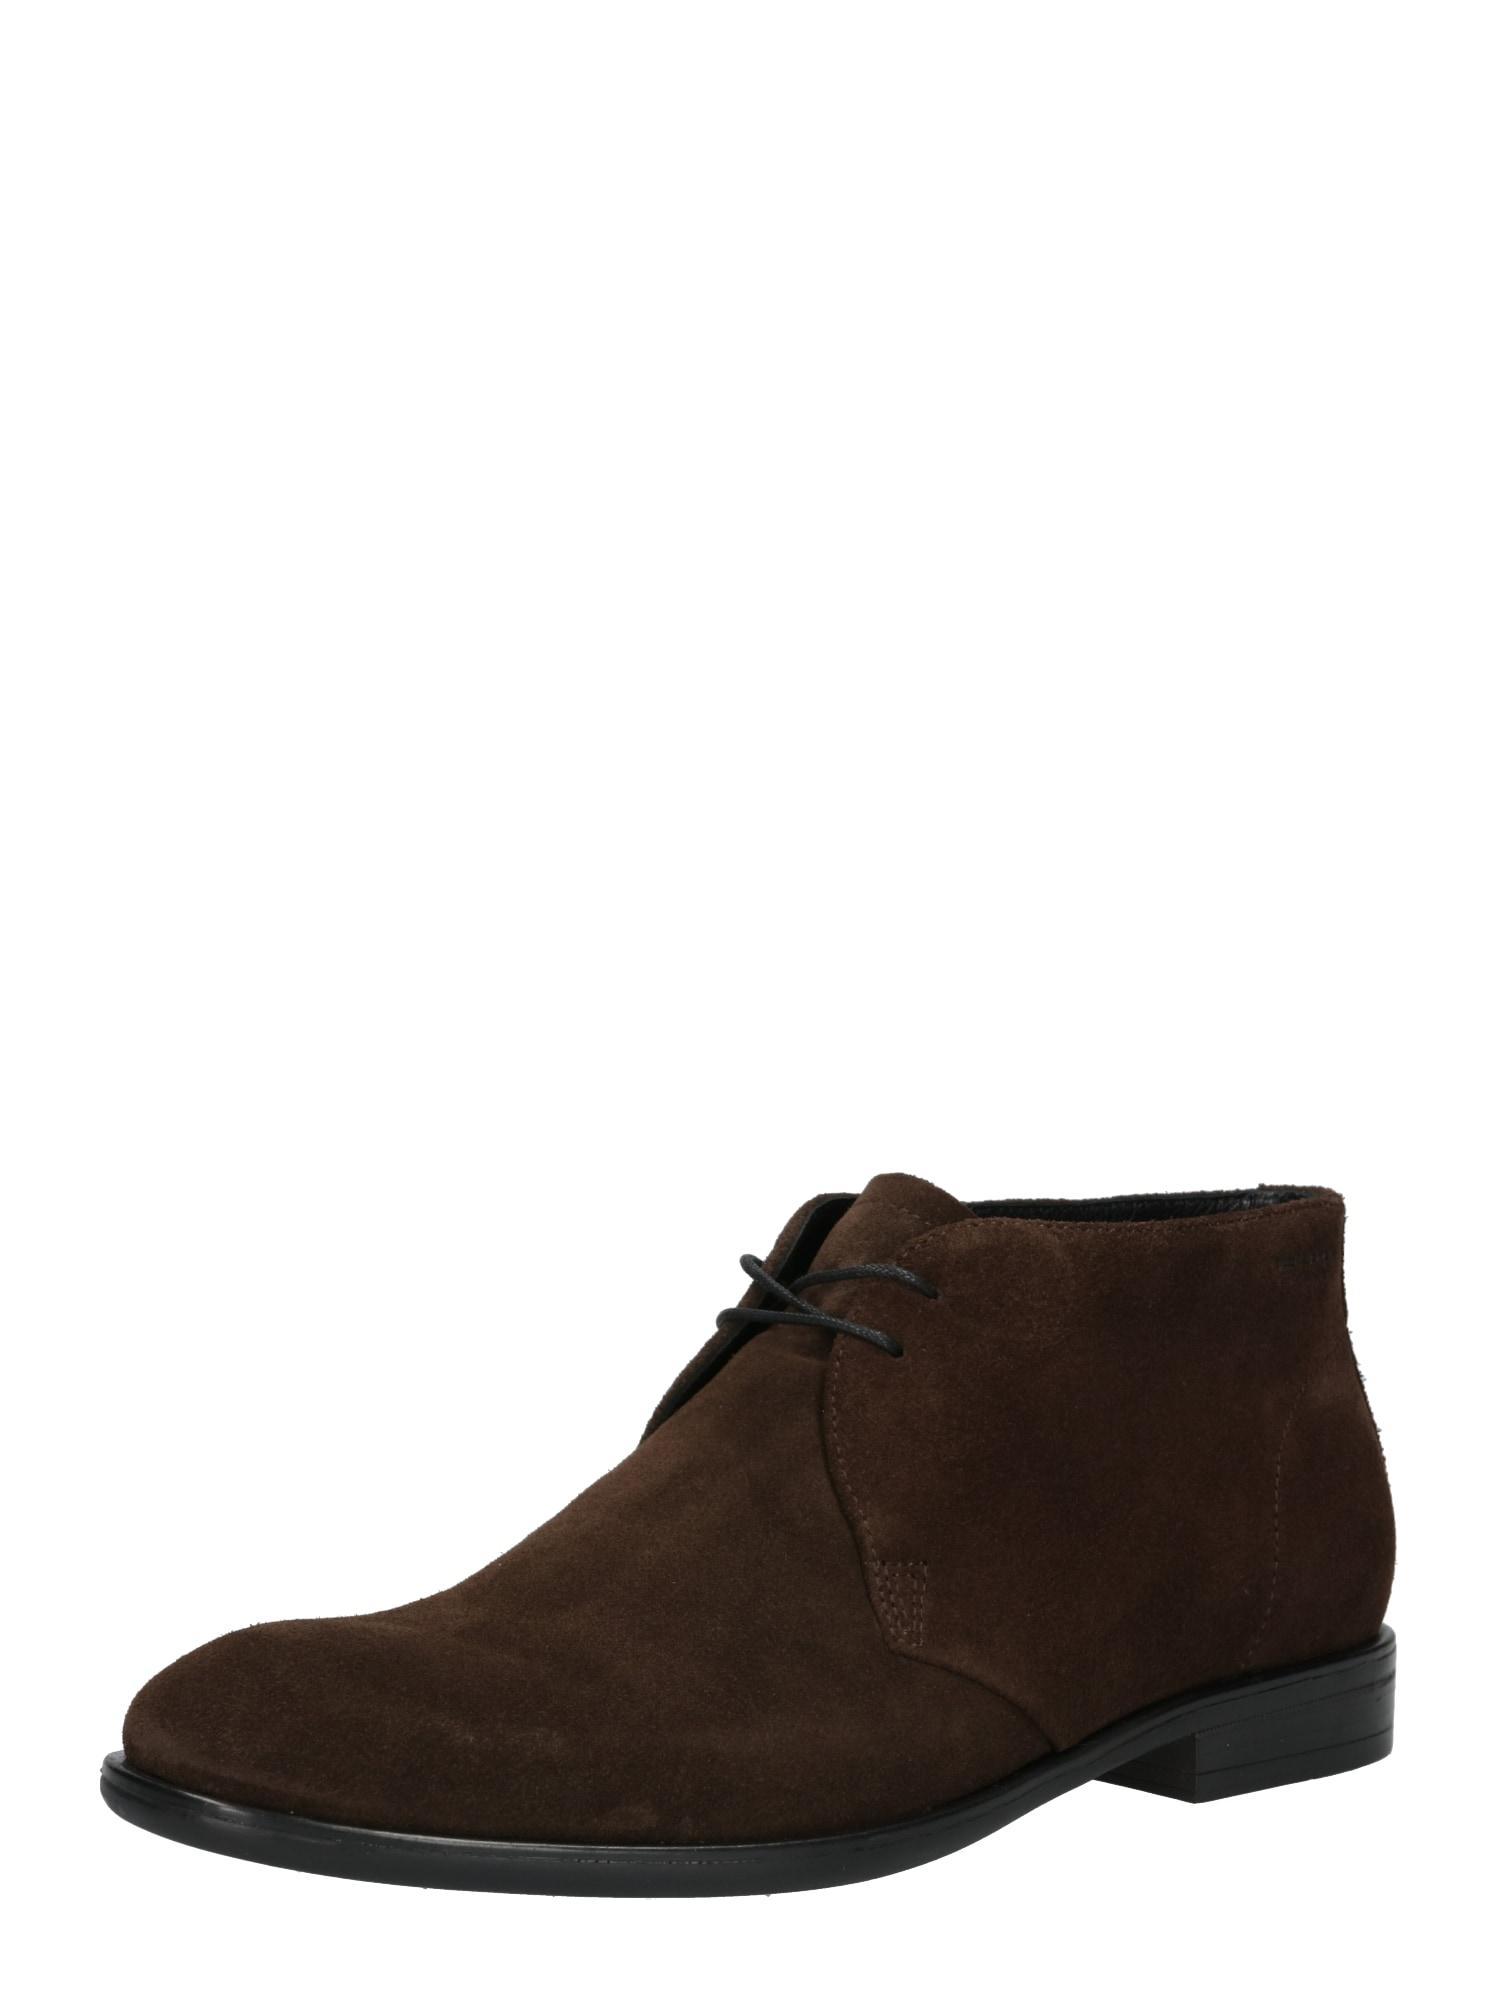 Šněrovací boty Harvey tmavě hnědá VAGABOND SHOEMAKERS